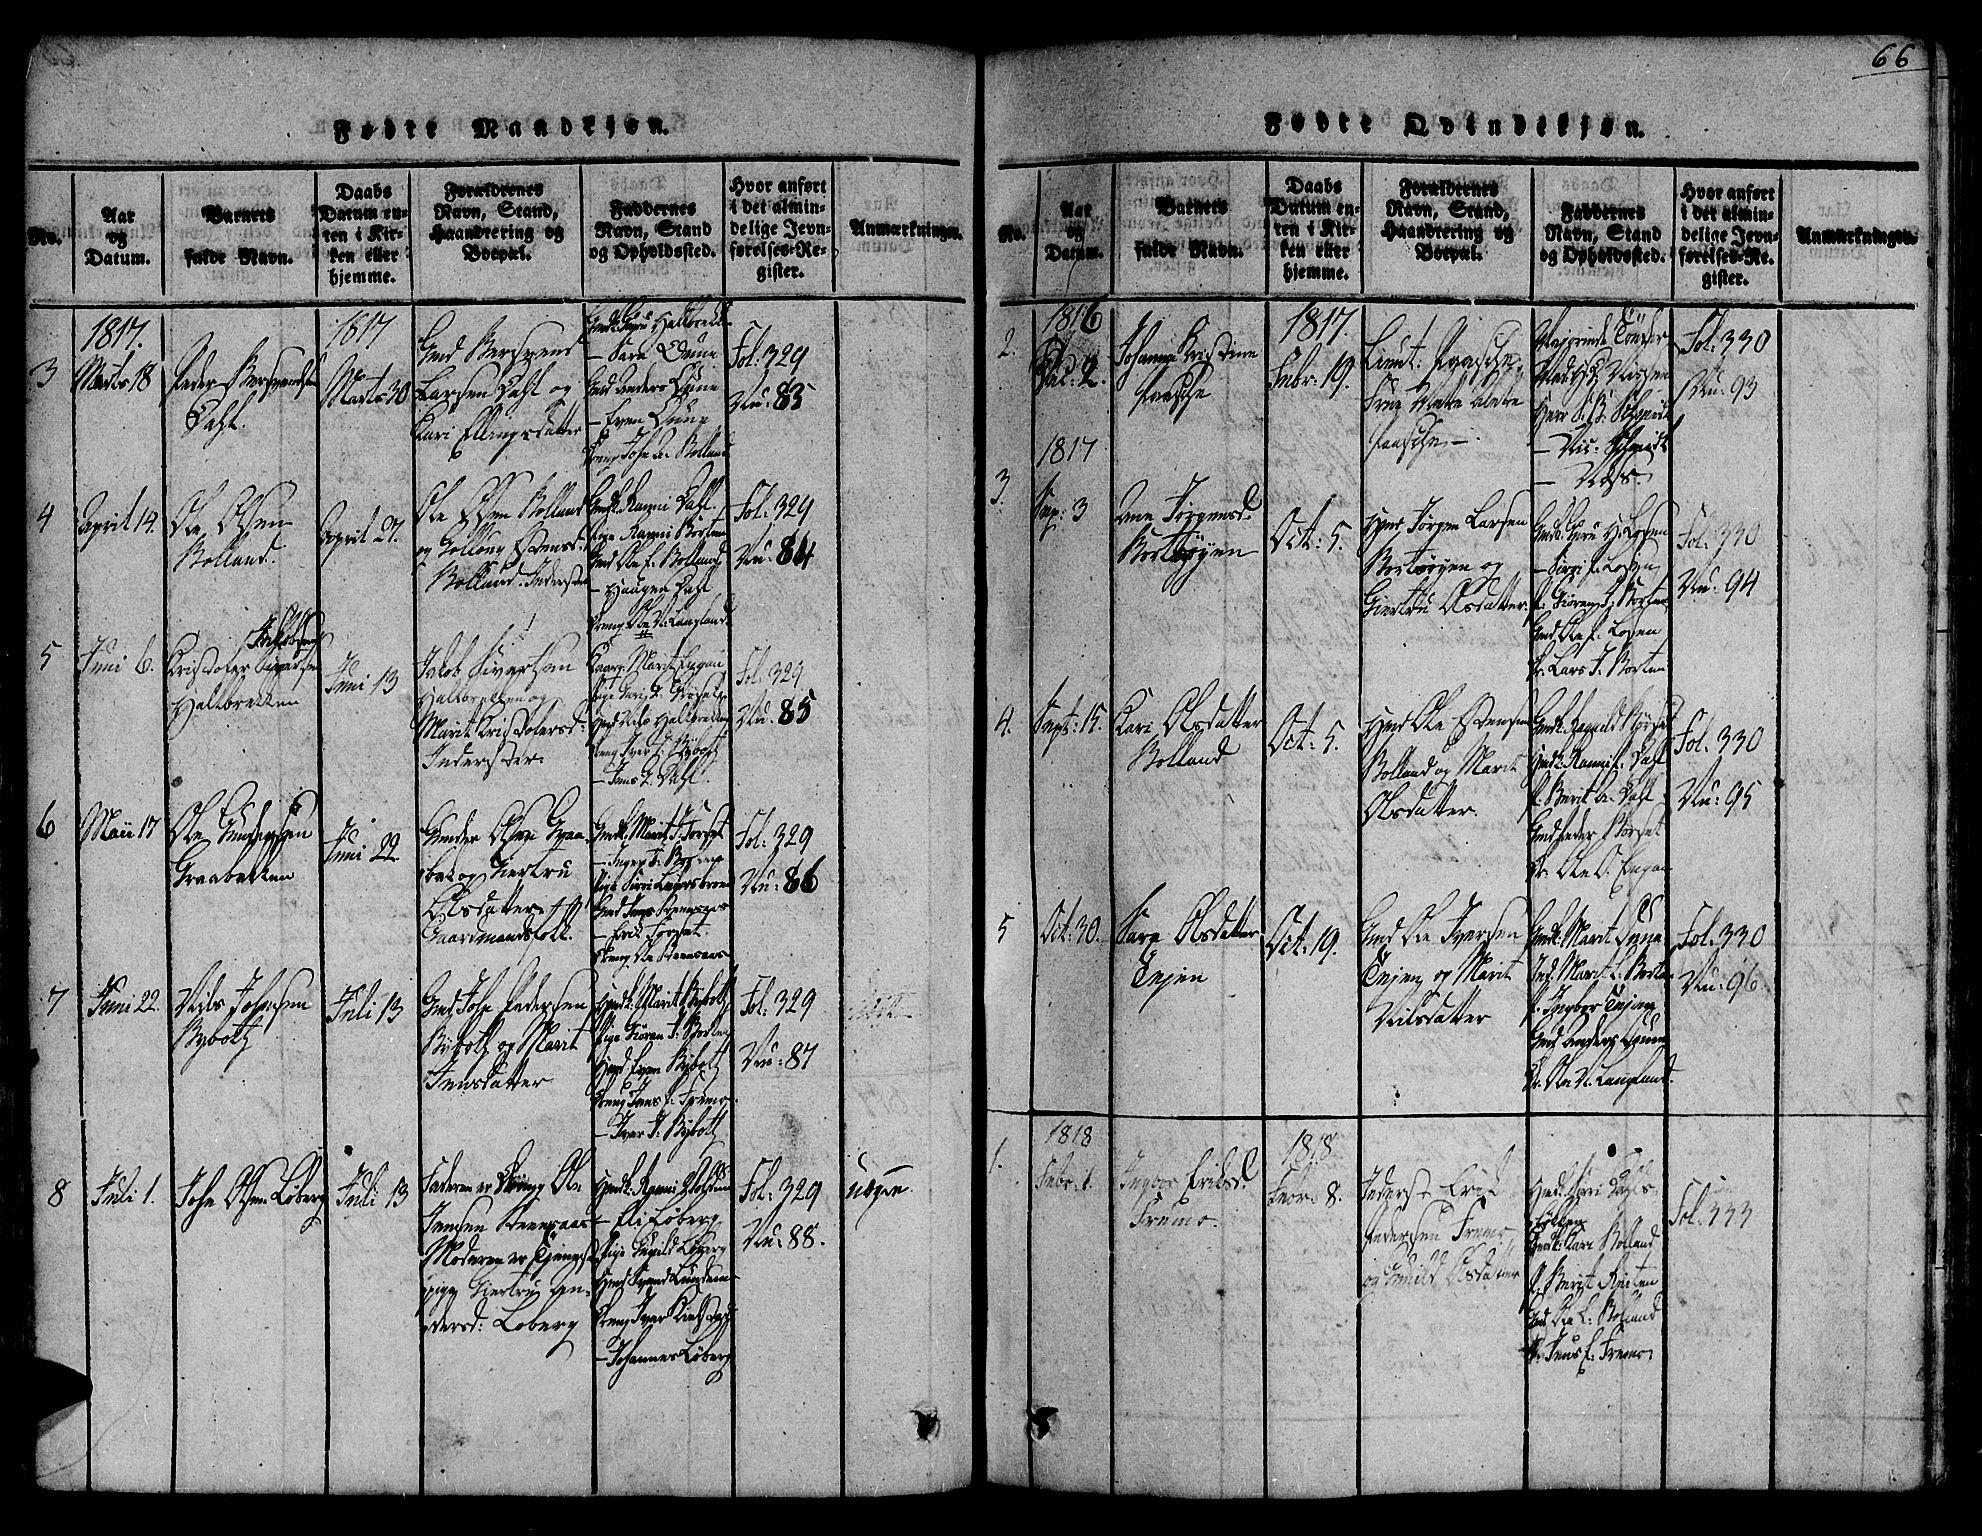 SAT, Ministerialprotokoller, klokkerbøker og fødselsregistre - Sør-Trøndelag, 691/L1066: Ministerialbok nr. 691A03 /2, 1816-1826, s. 66